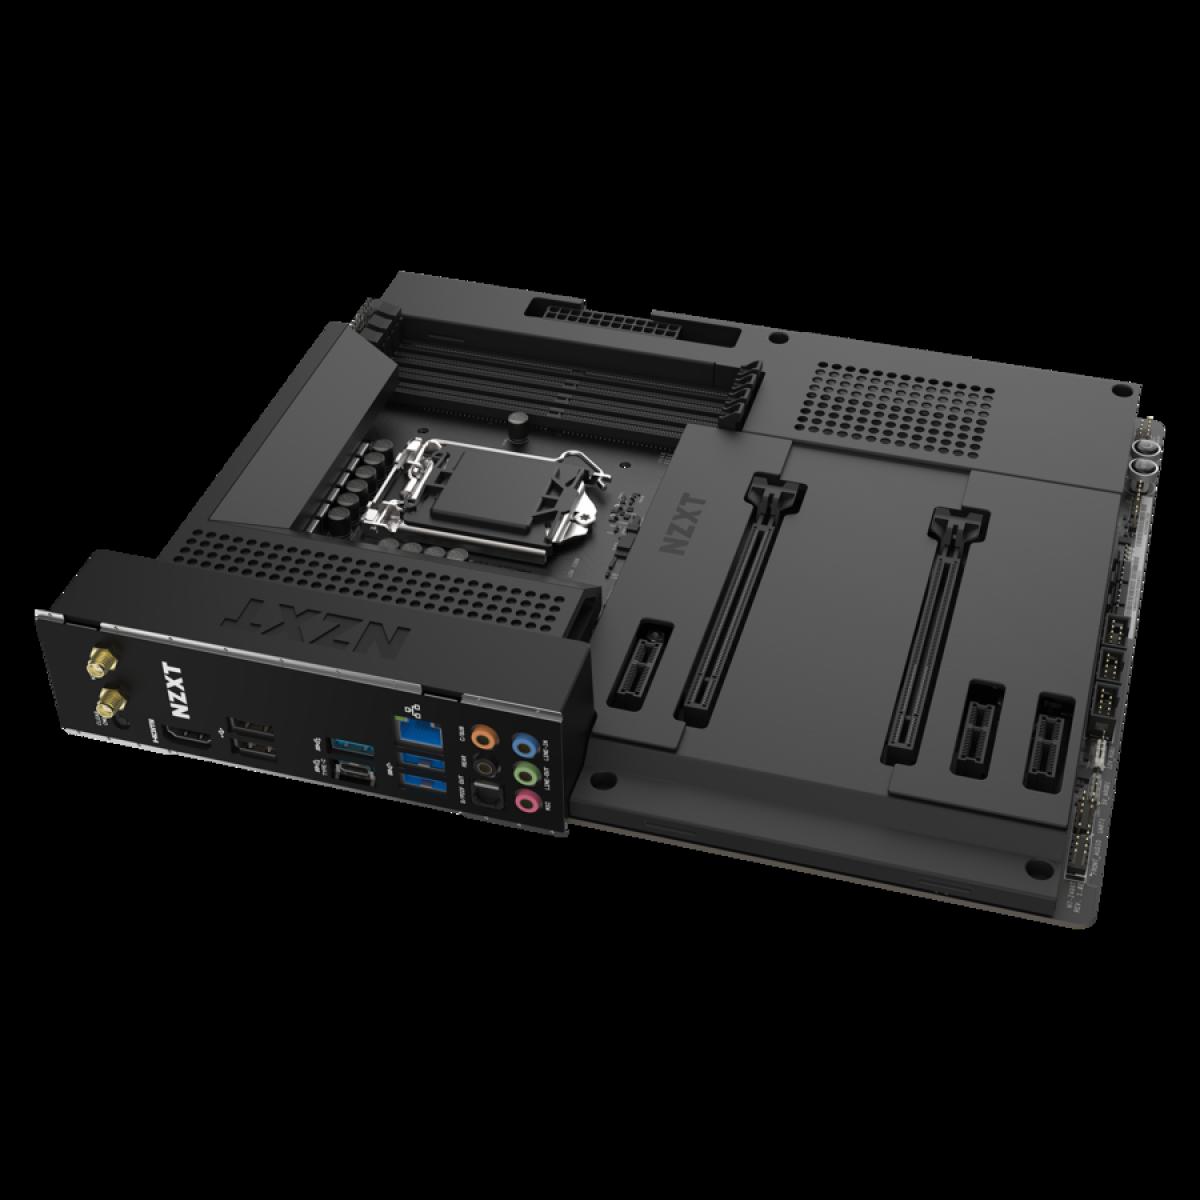 Placa Mãe NZXT N7 Z490, Chipset Z490, Intel LGA 1200, ATX, DDR4, N7-Z49XT-B1